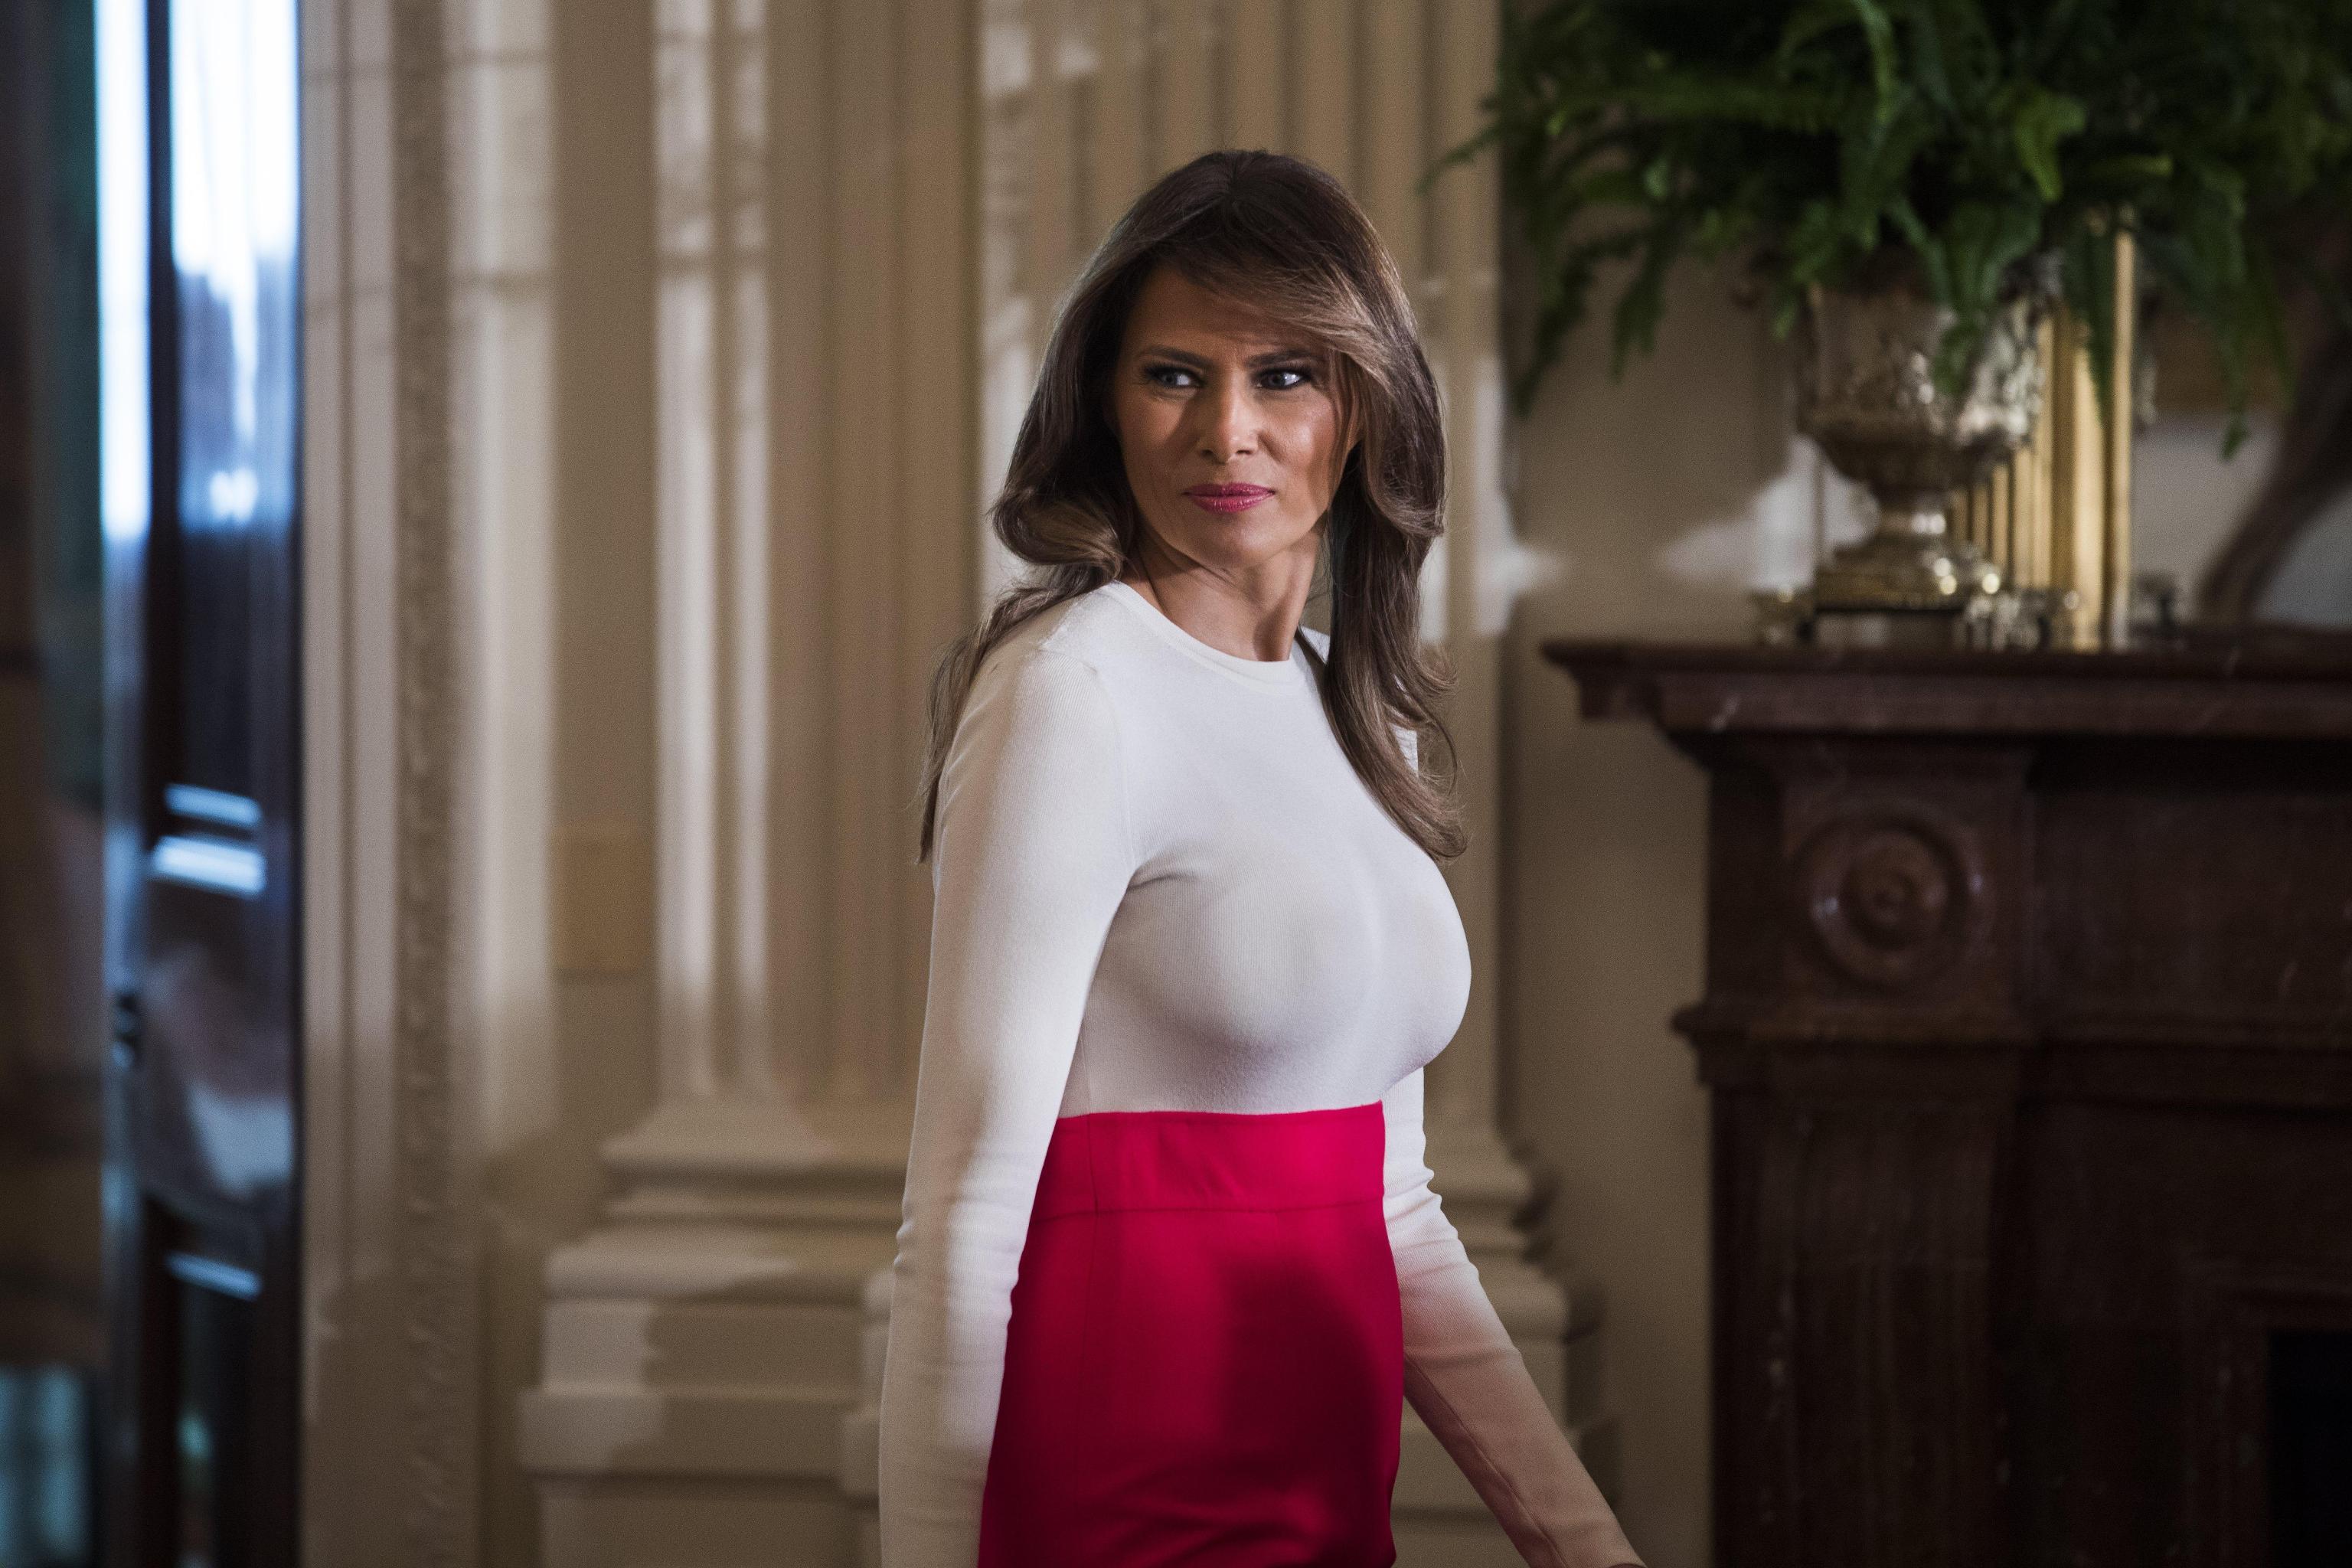 Ivana Trump contro Melania Trump: chi è la vera first lady degli Stati Uniti?